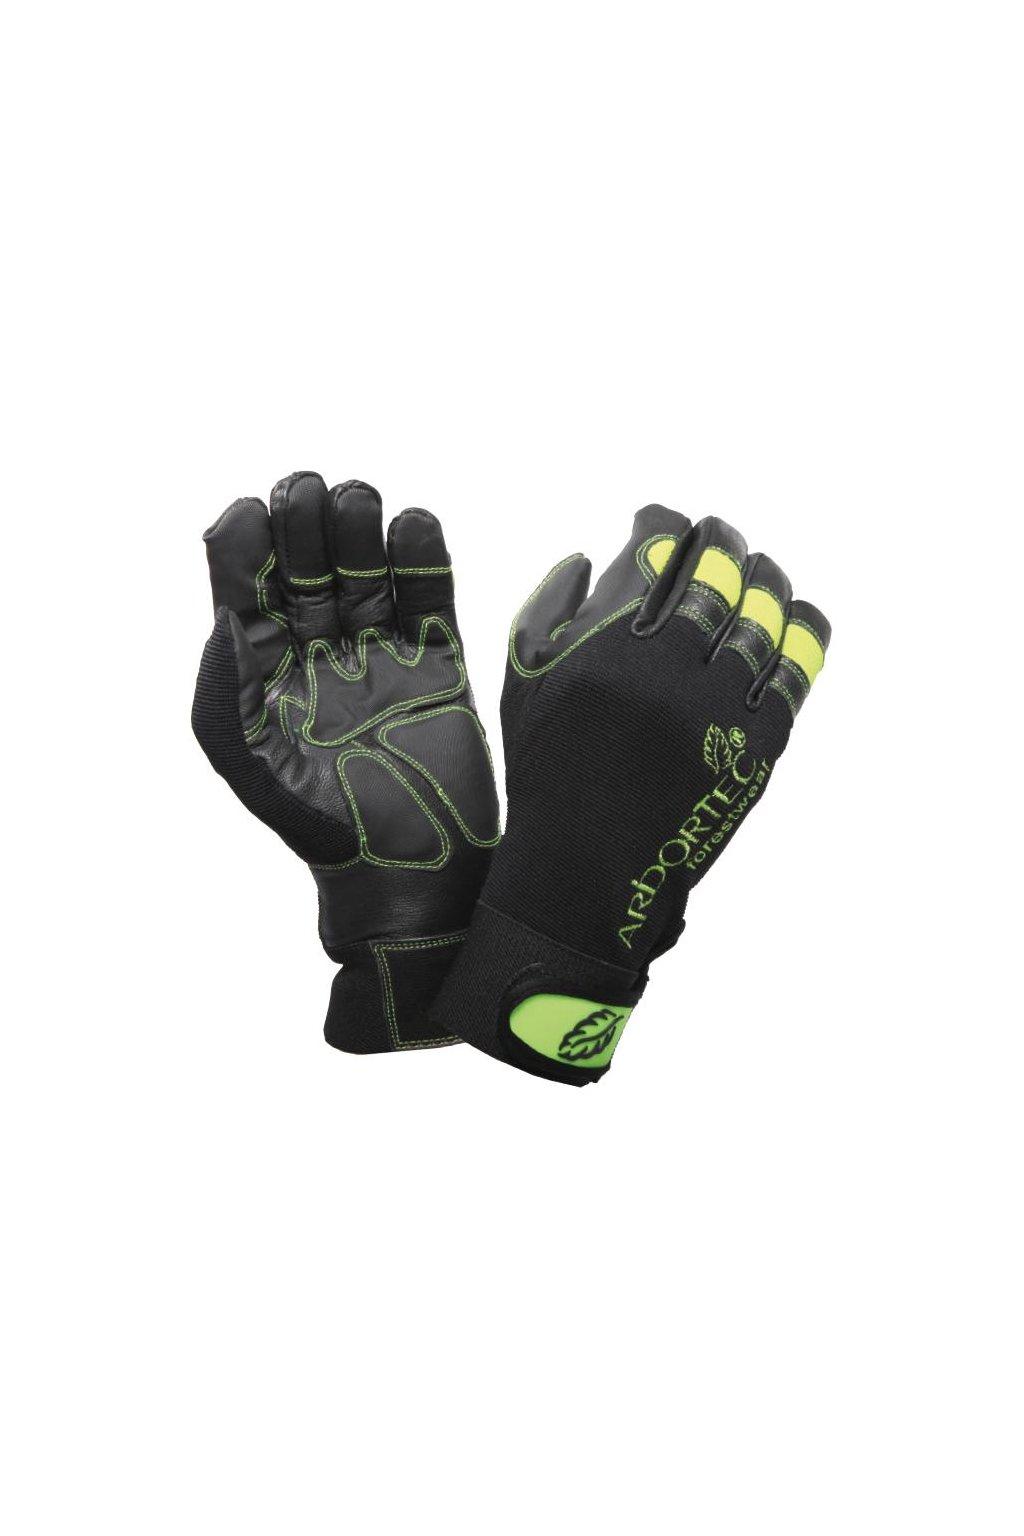 Neprořezné rukavice Xpert